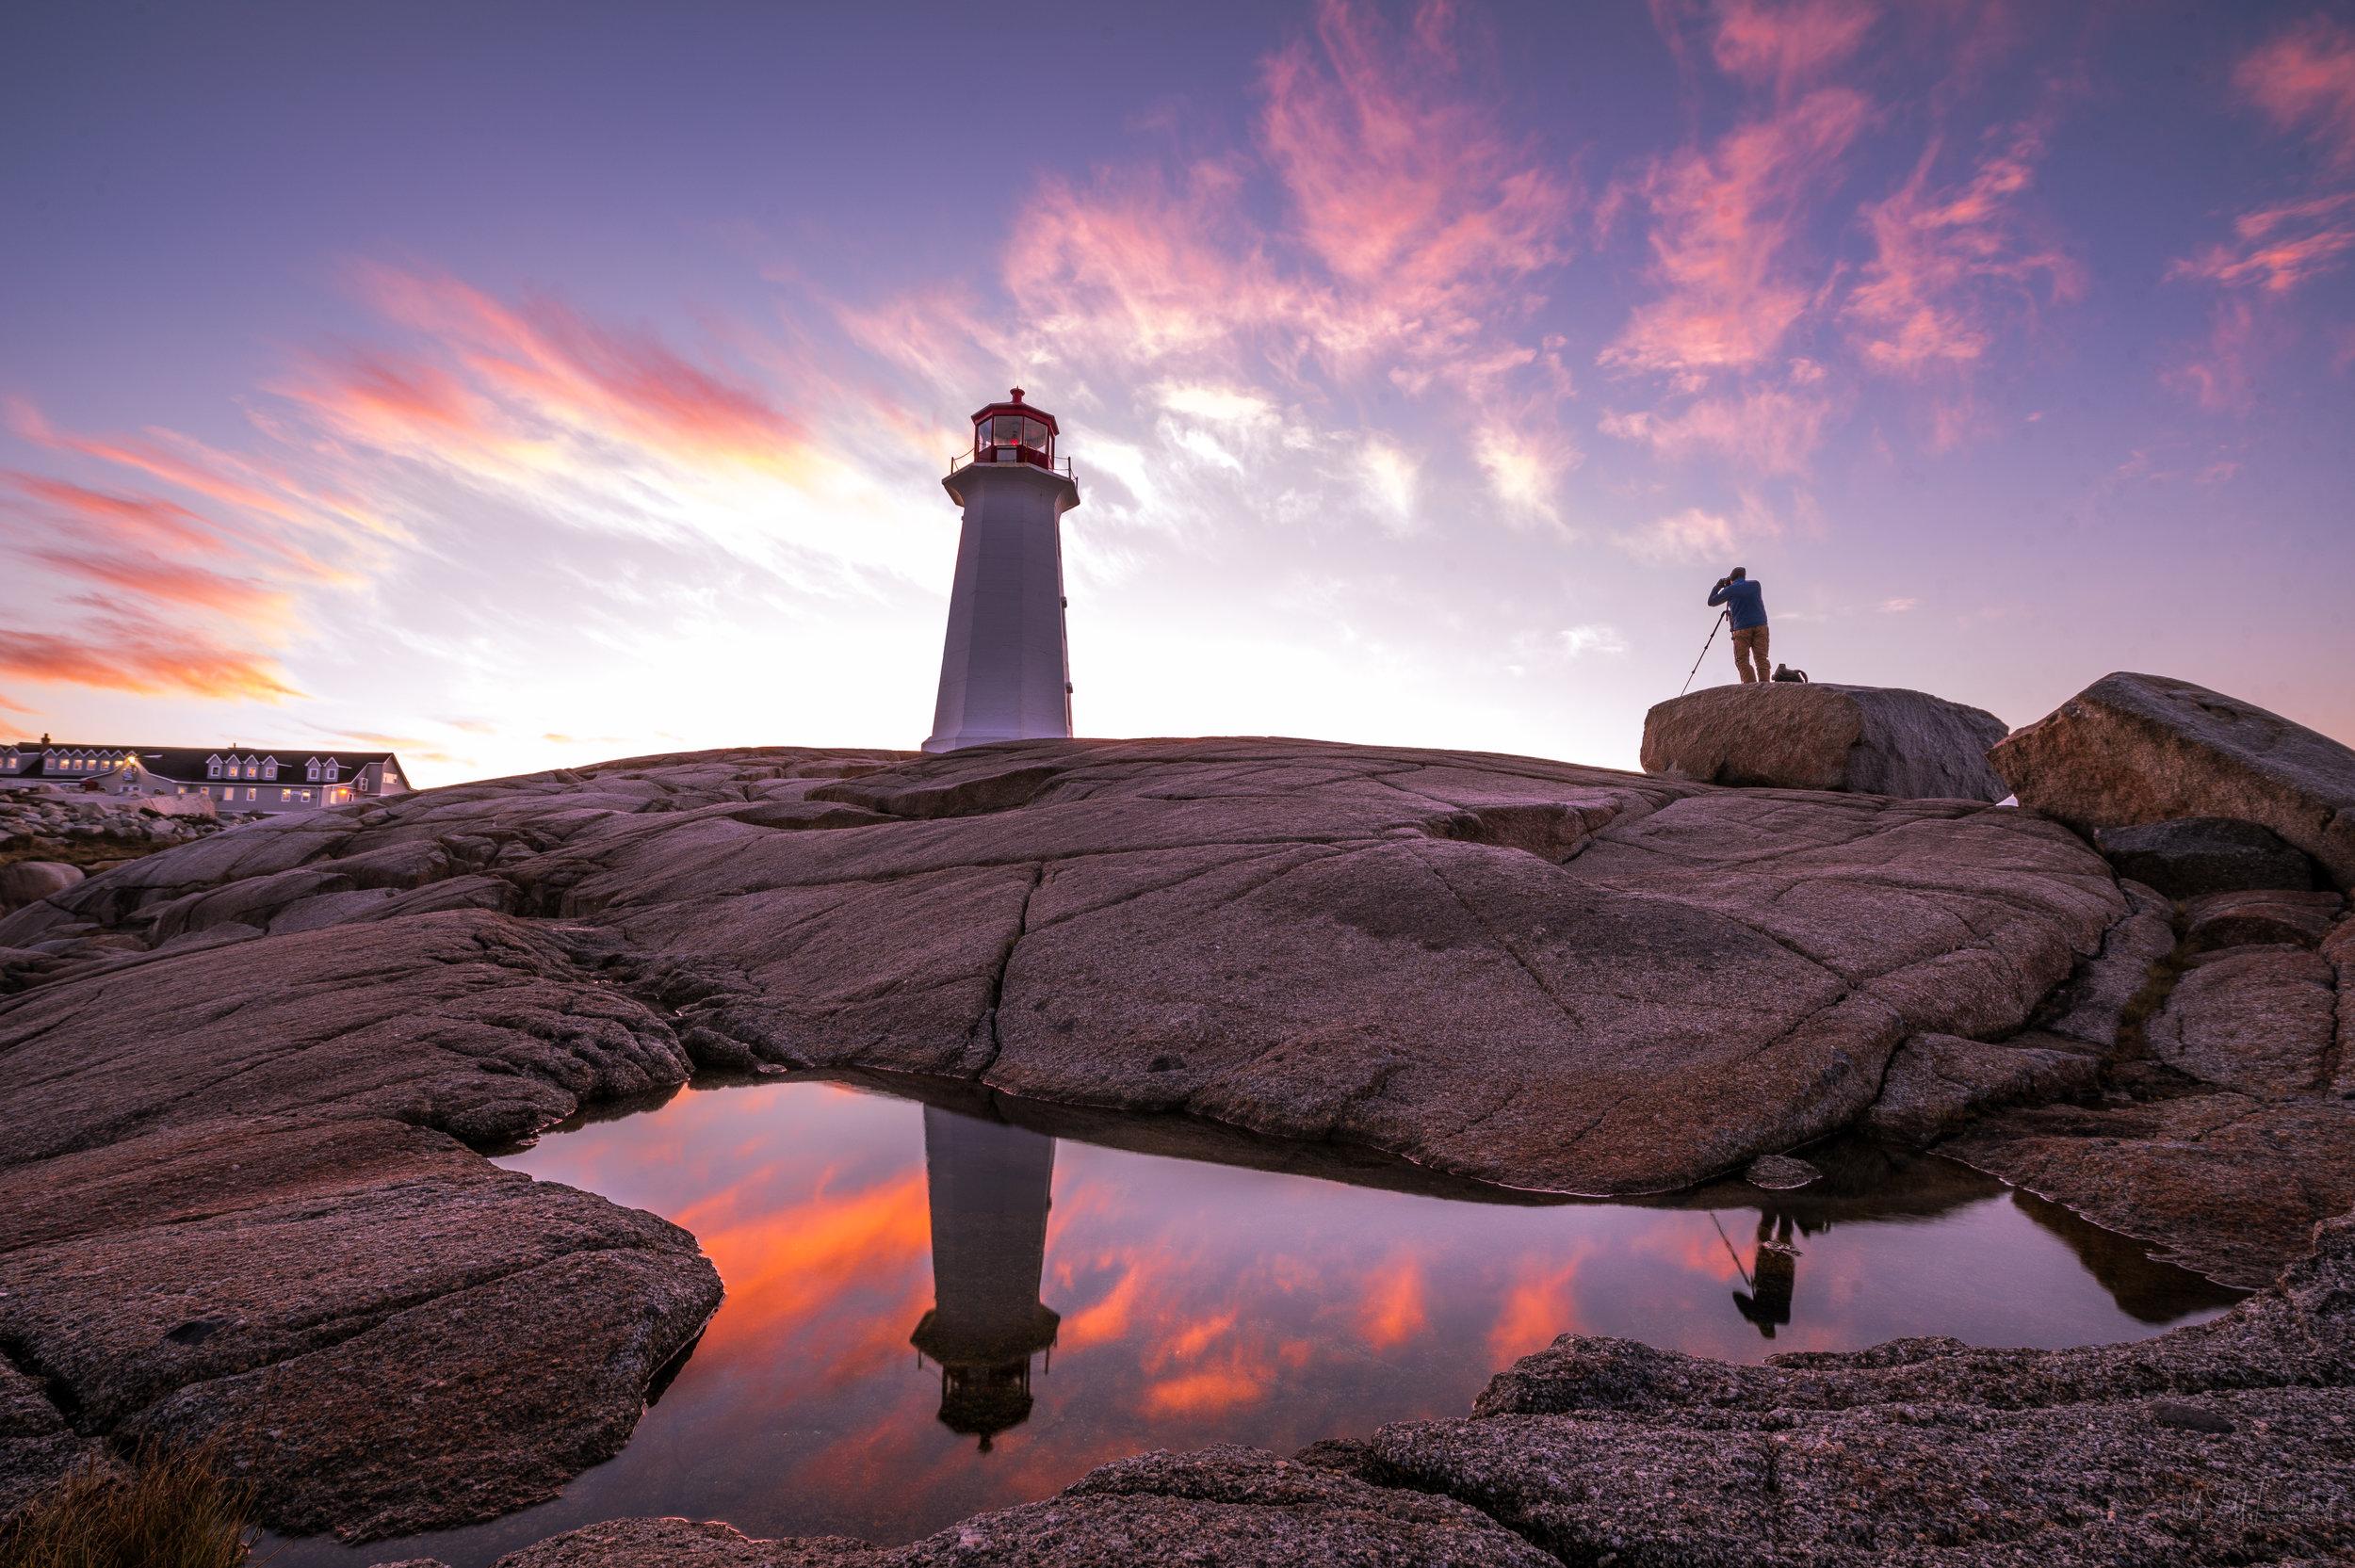 Sunrise at Peggy's Cove  - Arcadian Coast, Nova Scotia